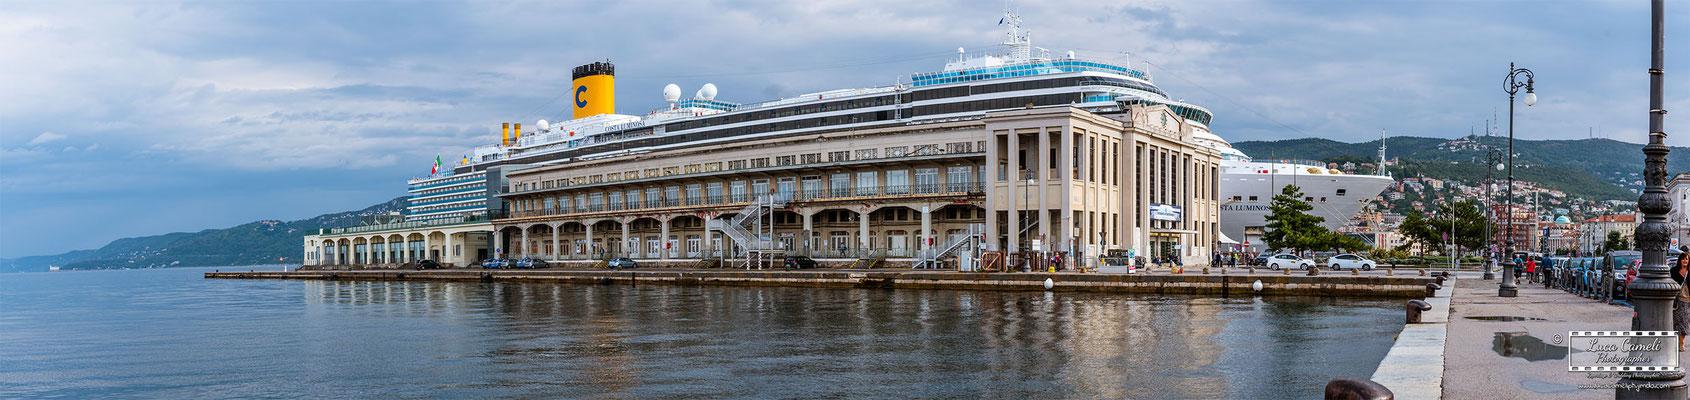 Trieste - Stazione Marittima di Trieste. © Luca Cameli Photographer